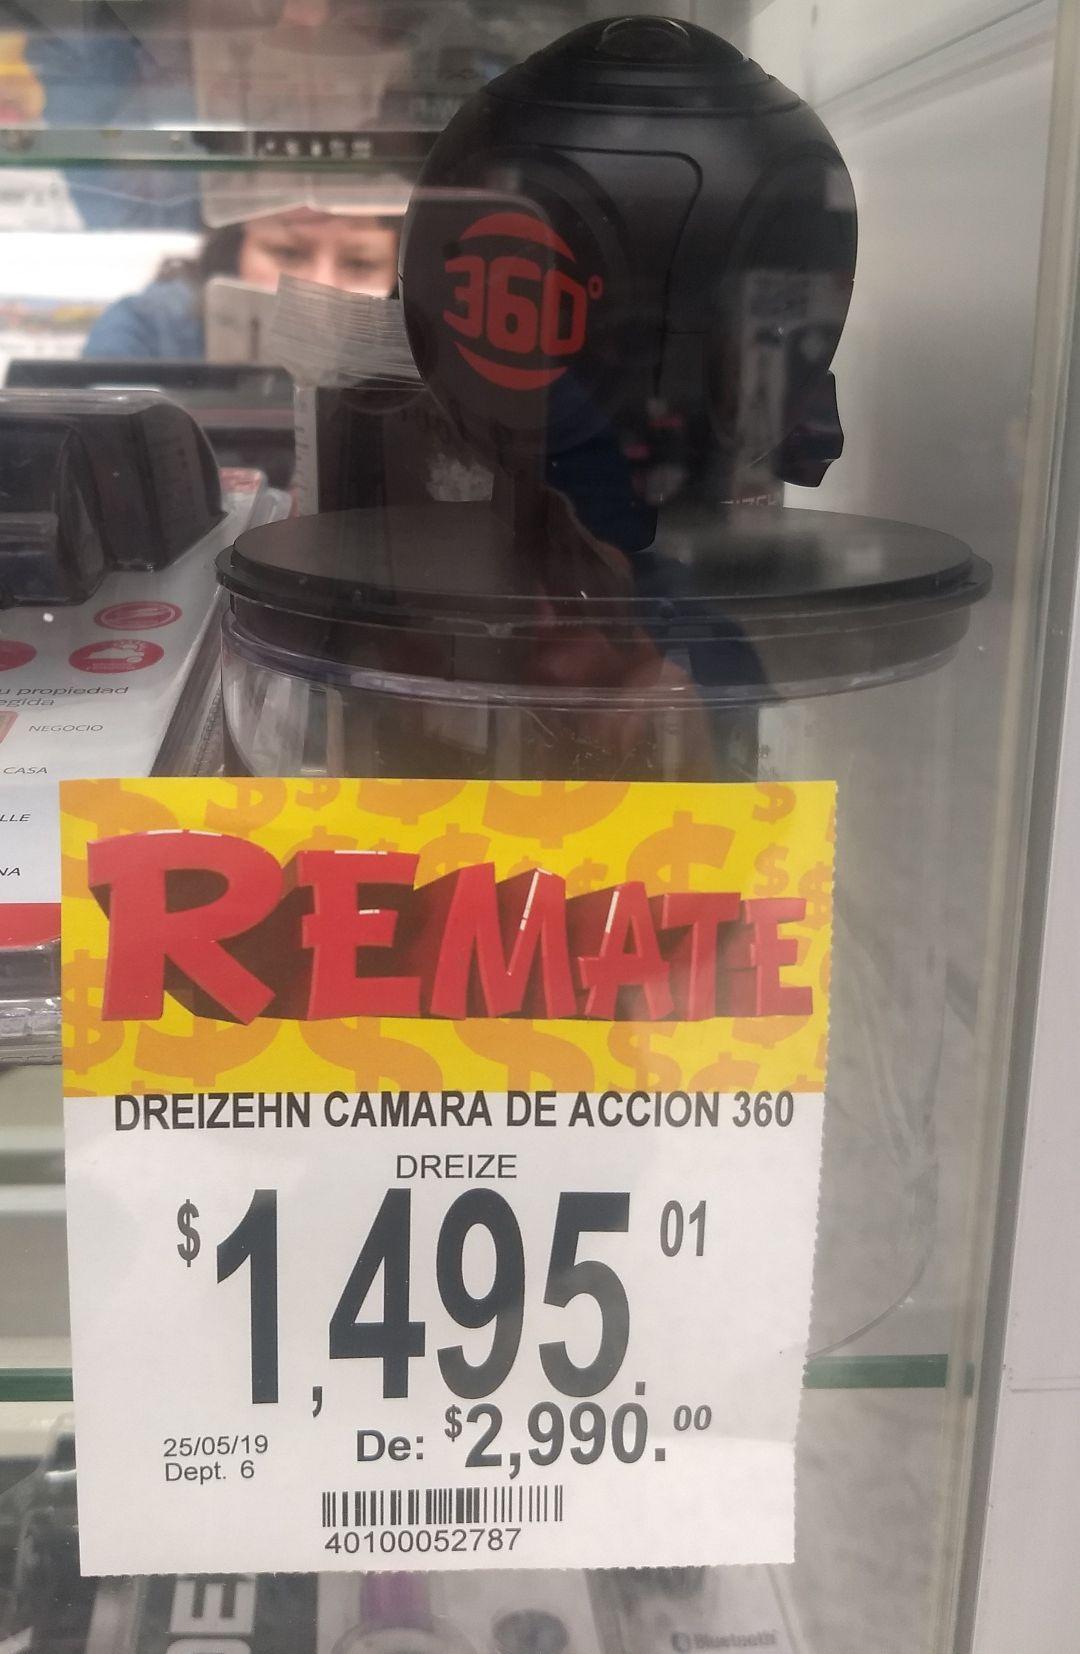 Bodega Aurrera Puebla 11 Sur: Dreizehn cámara de acción 360